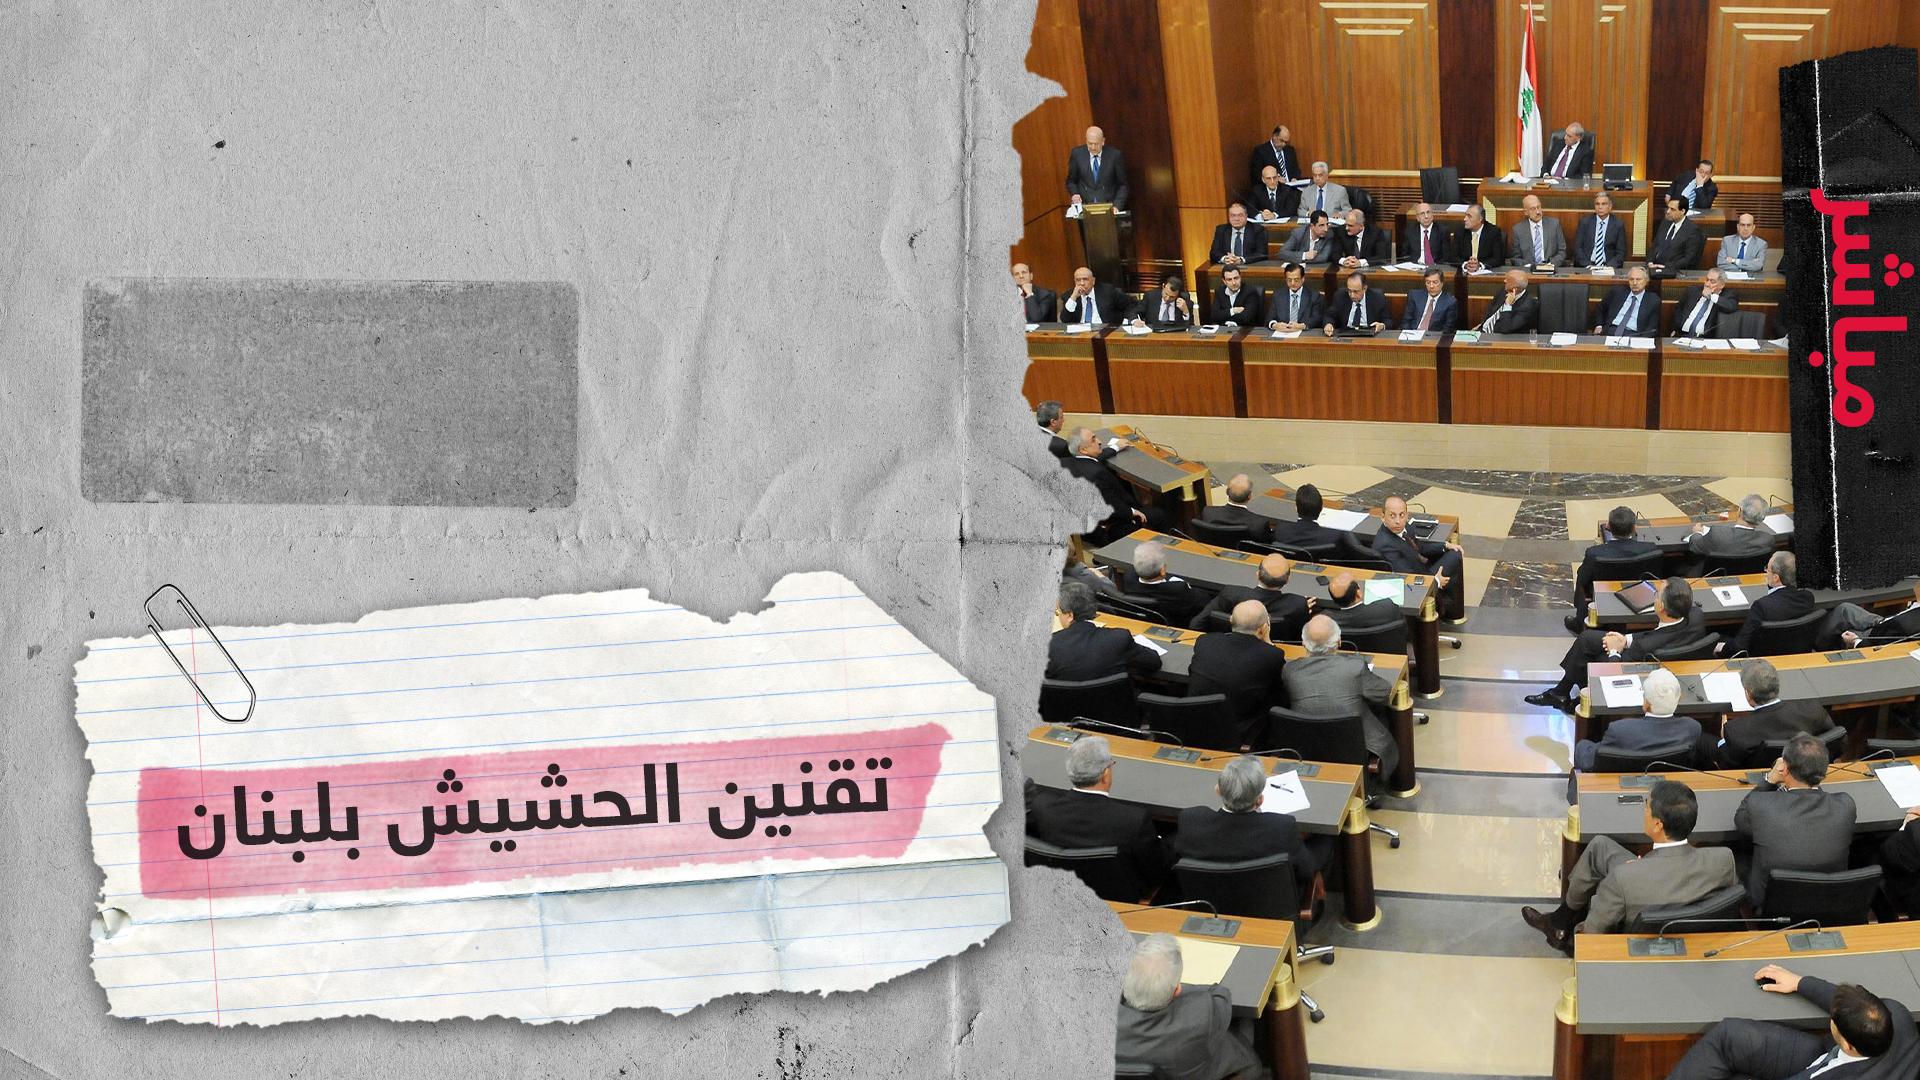 تشريع زراعة الحشيش في لبنان لأغراض طبية واقتصادية